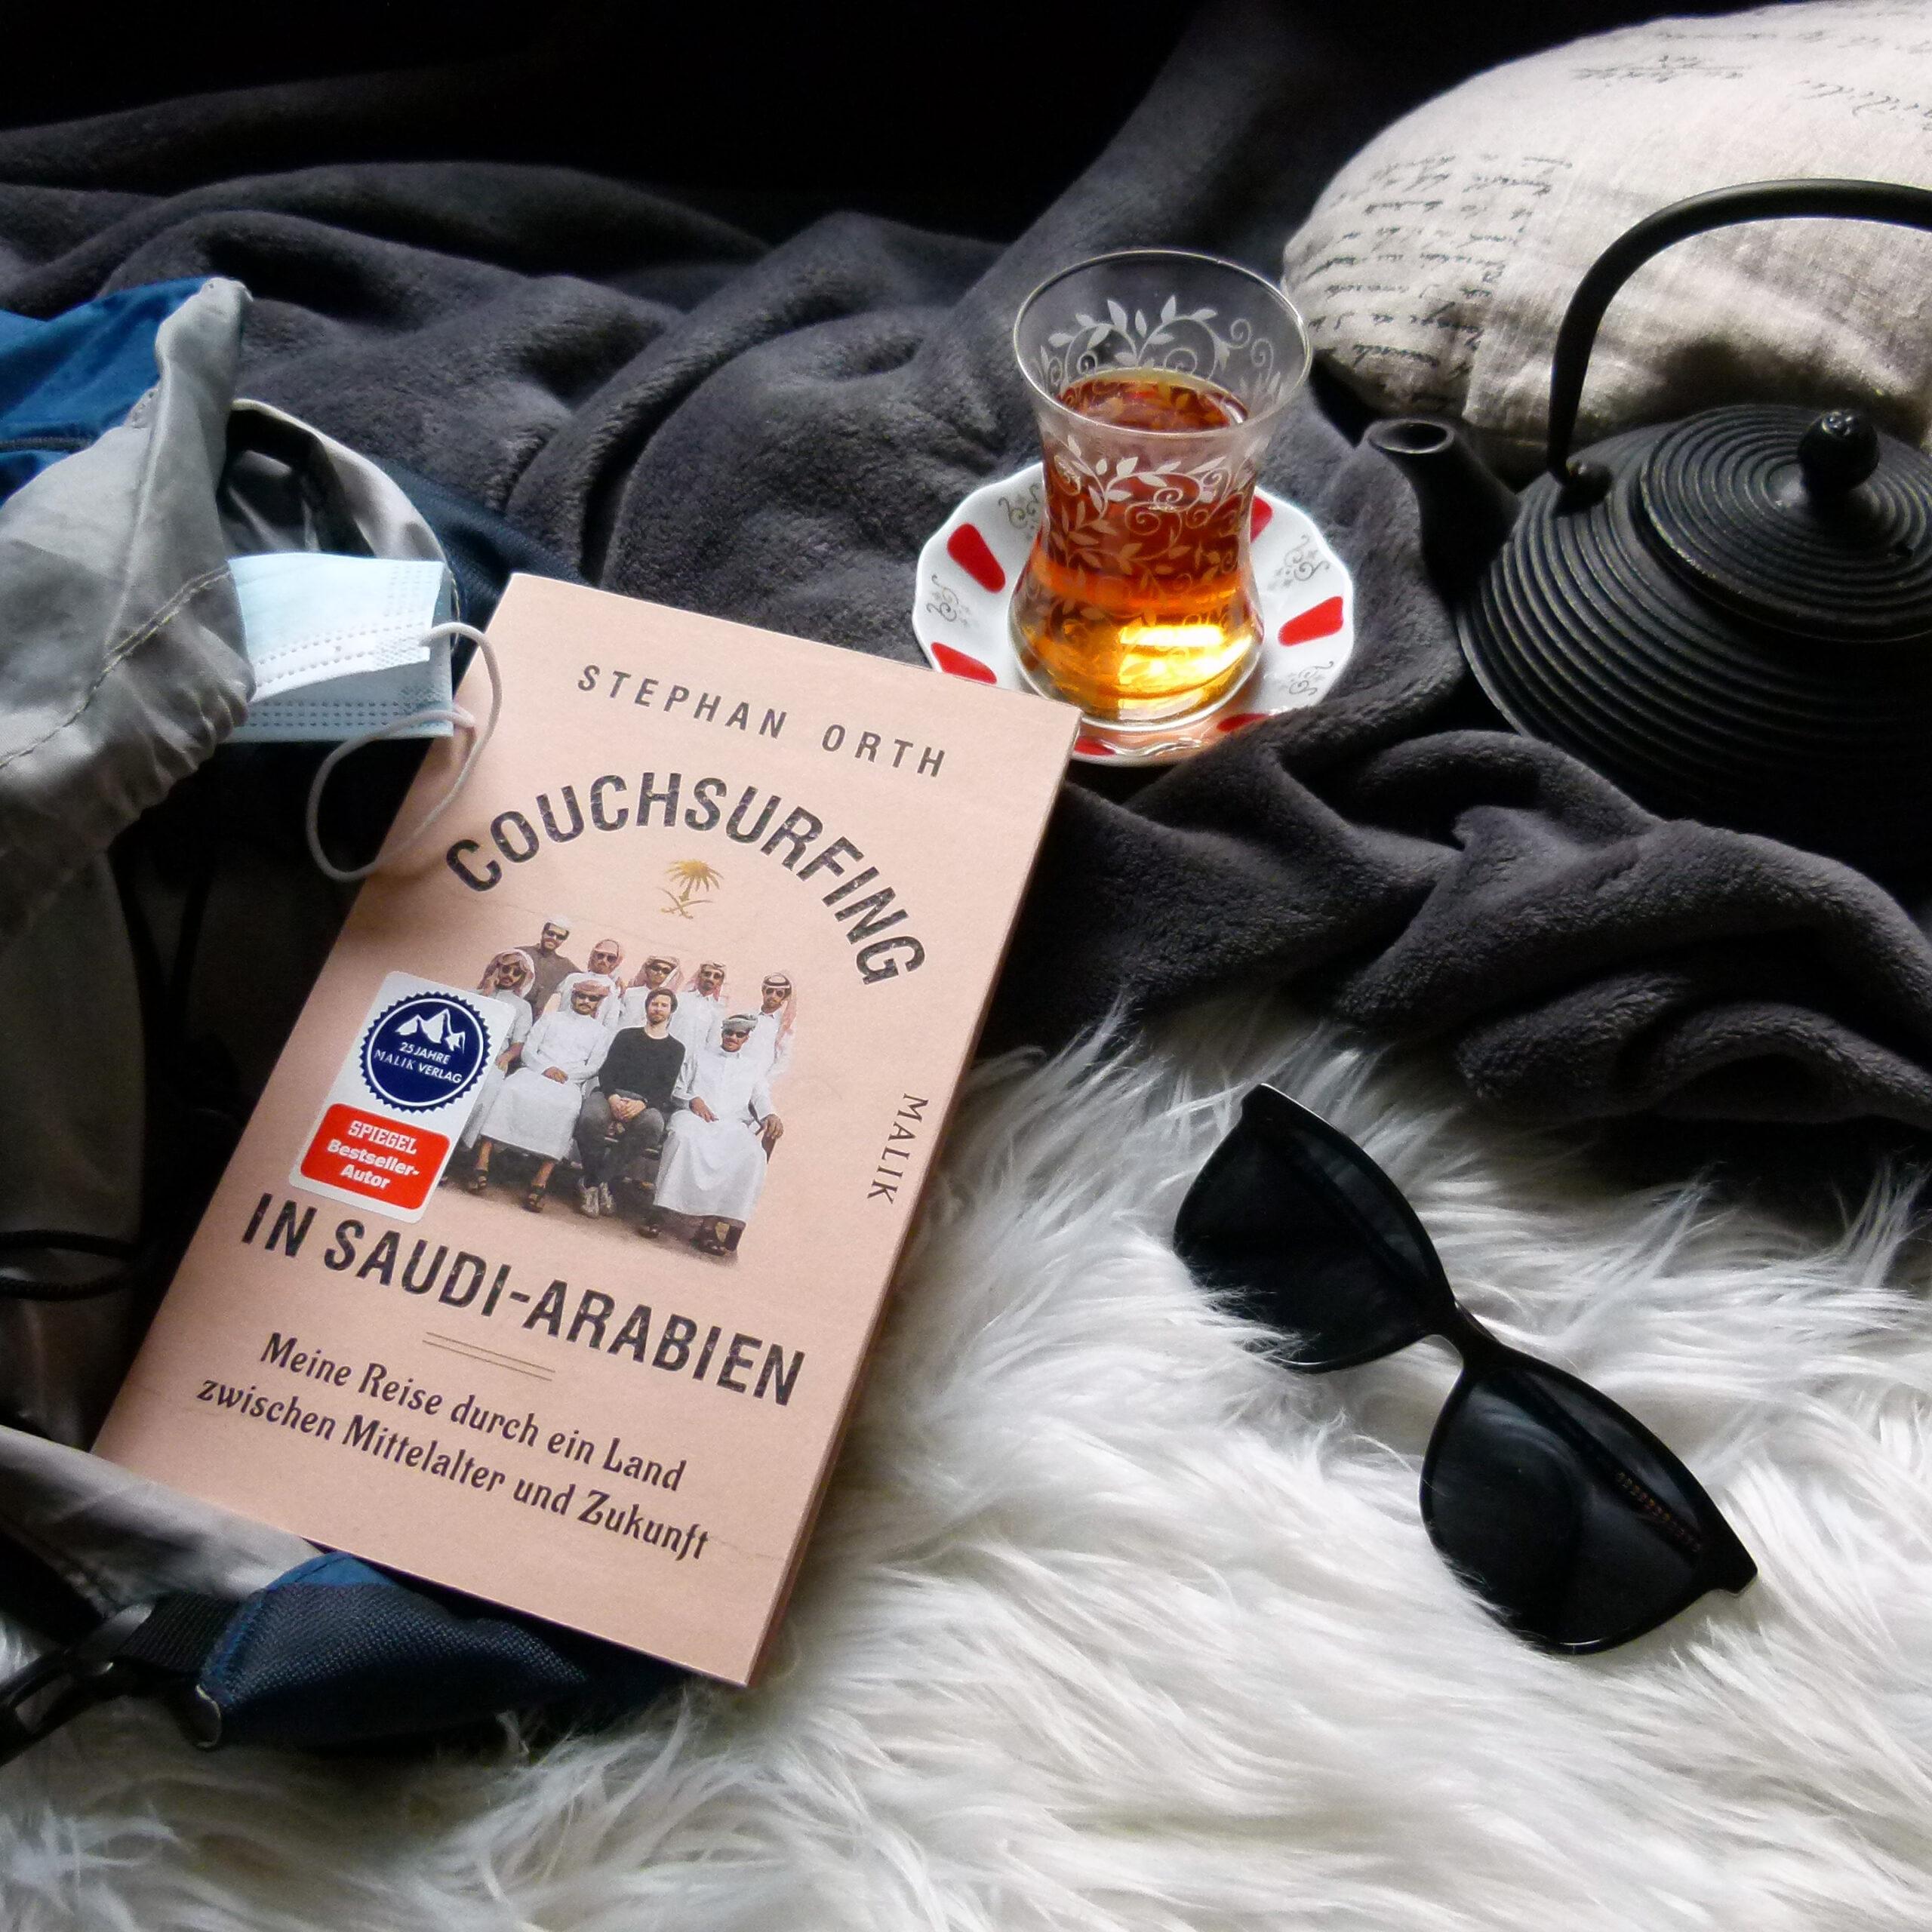 Das wüstenfarbene Buch liegt auf einem weißen, flauschigen Untergrund. In der oberen Hälfte des Bildes liegt eine dunkelgraue, ebenfalls flauschige Decke. Darauf (in der rechten Ecke) ein graues Kissen, schräg darunter eine Terracotta-Kanne und links daneben ein Teeglas auf einem rot-weißen Unterteller. Links im Bild ist ein blau-grauer Reiserucksack sichtbar, aus dem ein Mundnasenschutz herausragt. Neben dem Buch liegt eine Sonnenbrille mit dunklem Gestell.